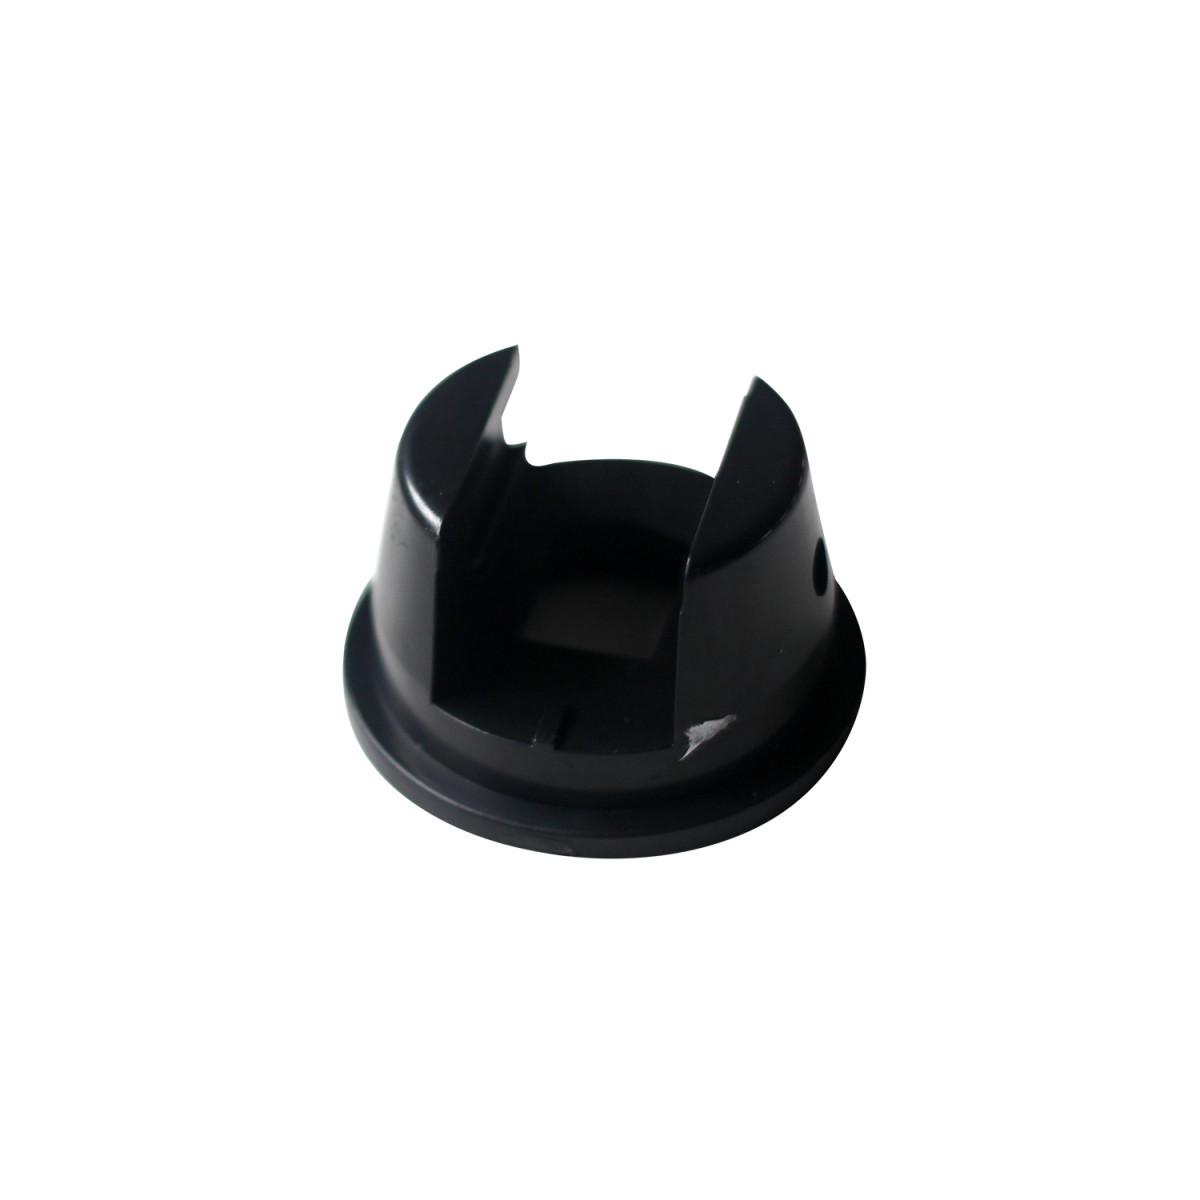 Фиксатор ручки клапана Emaux 4-позиционного клапана MPV16 1013131